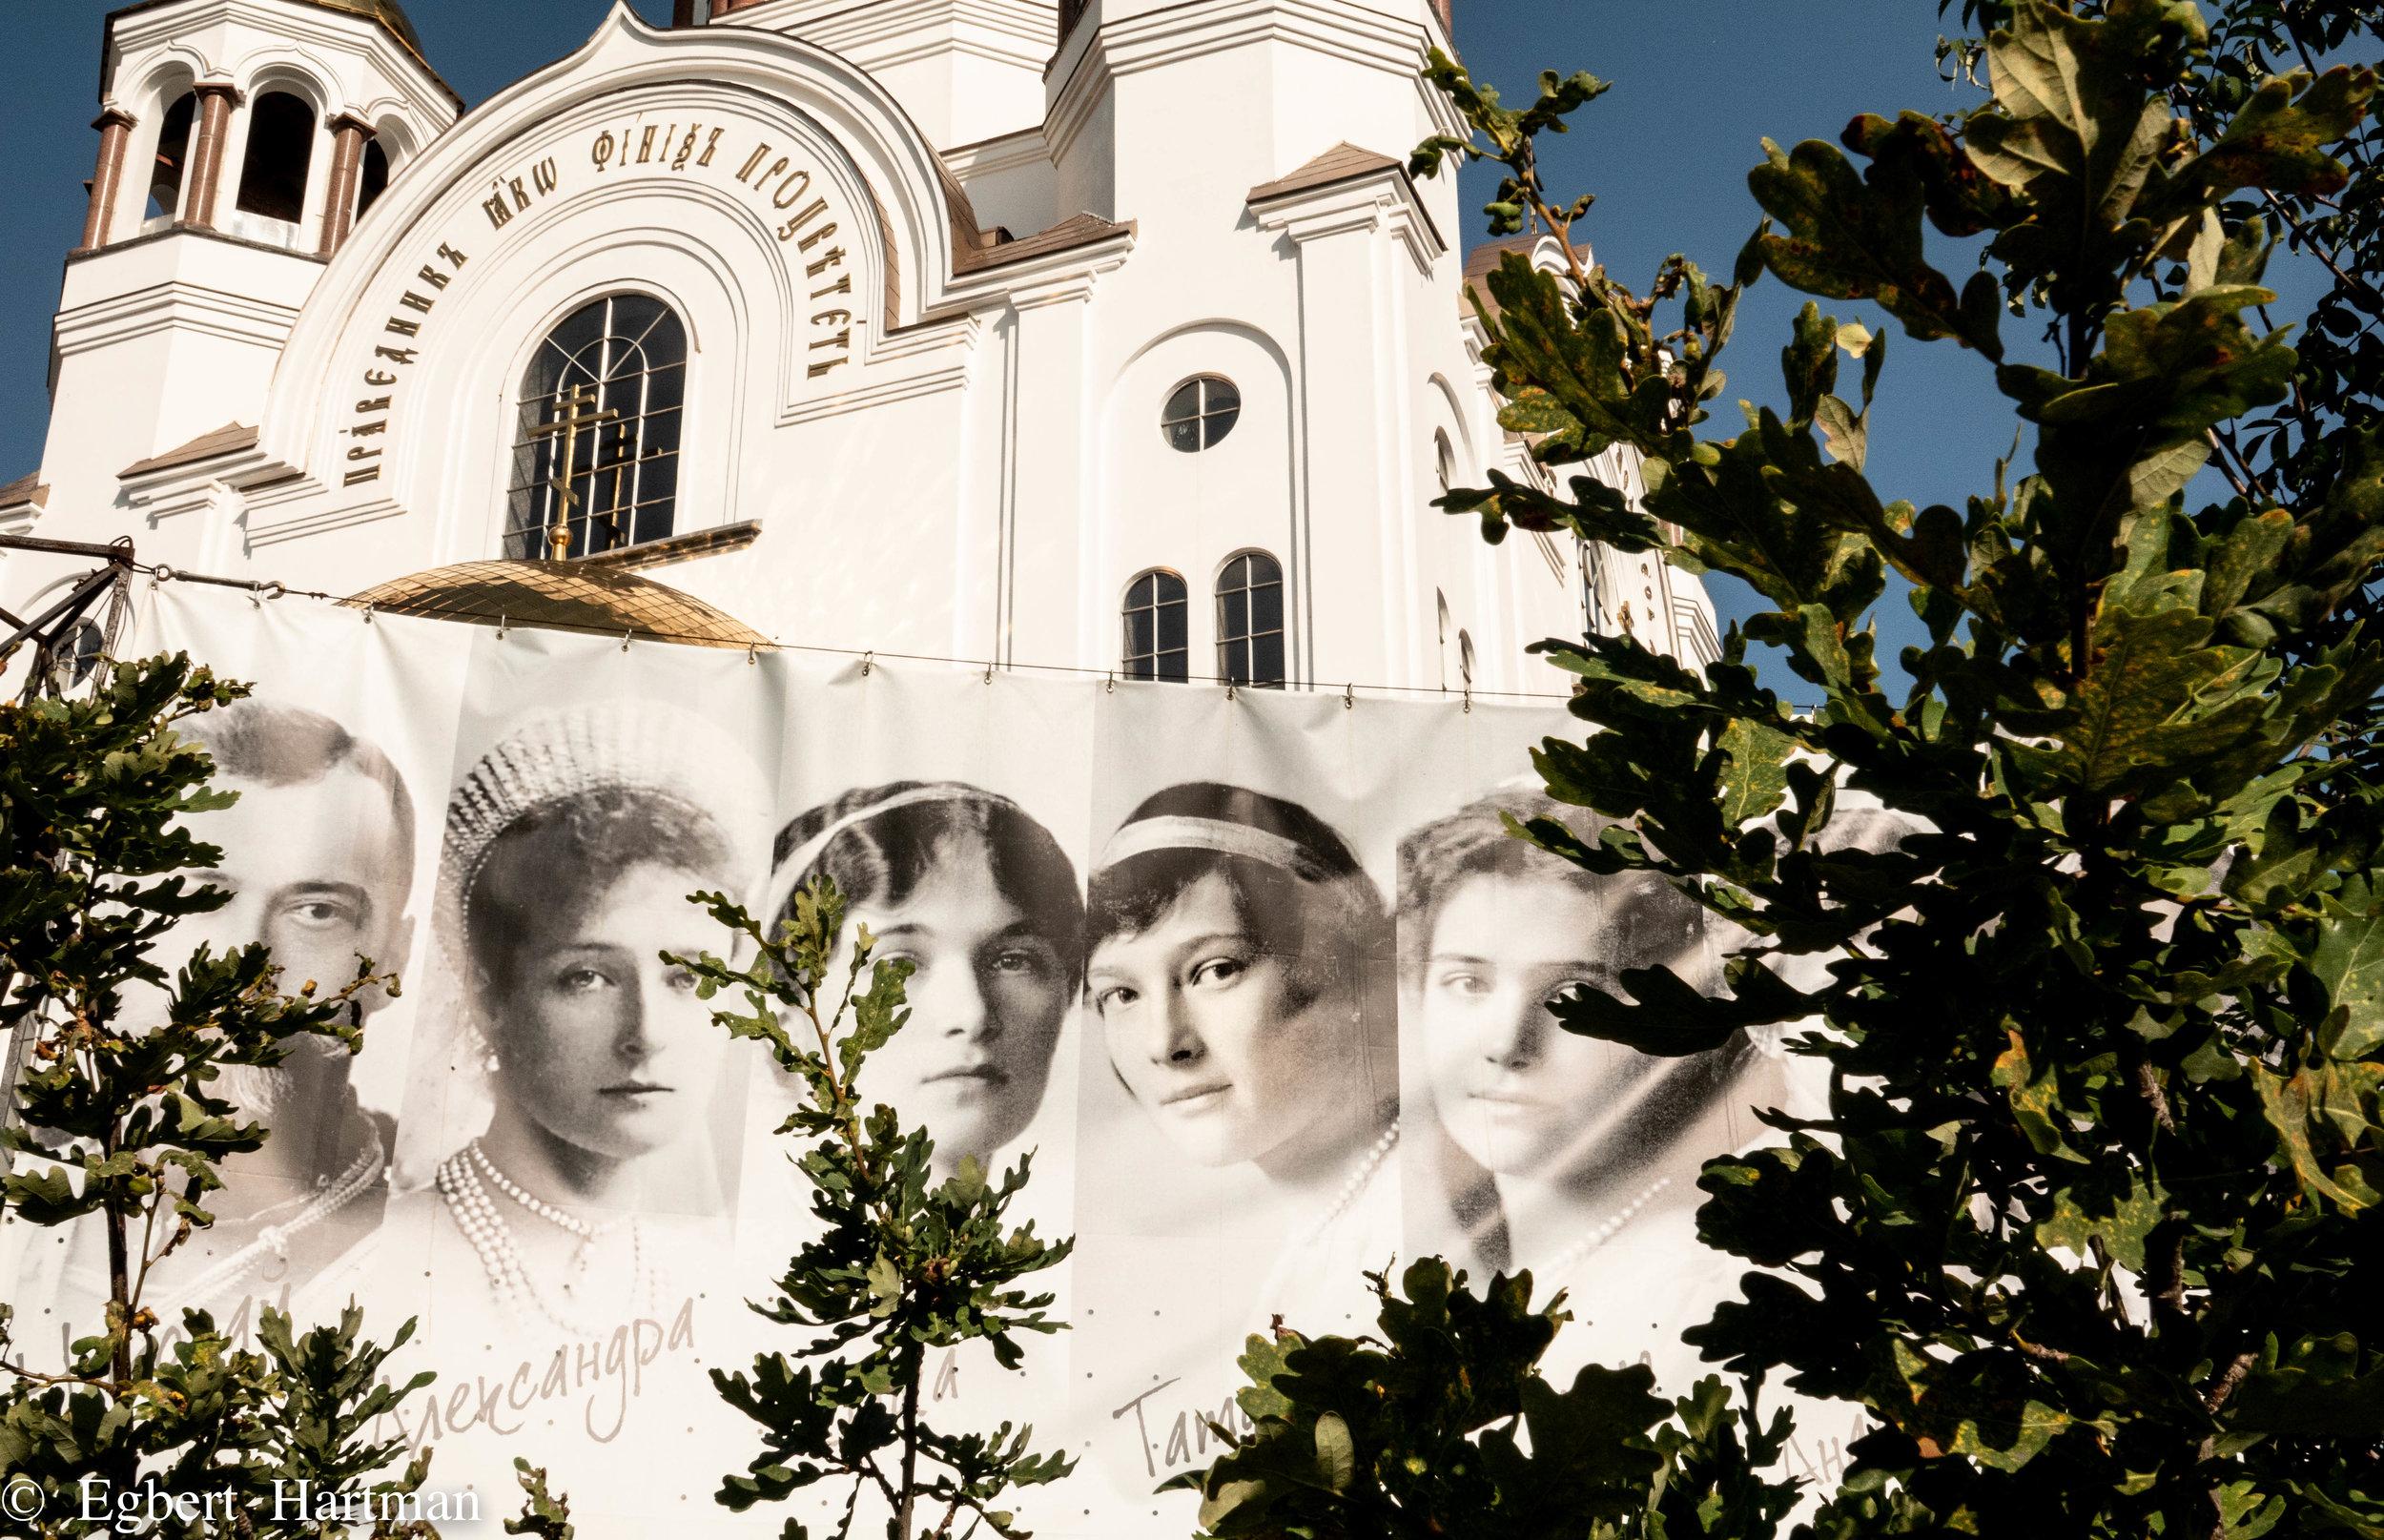 De Kerk-op-het-bloed in Jekaterinburg, gebouwd op de plek van het Ipatjev huis